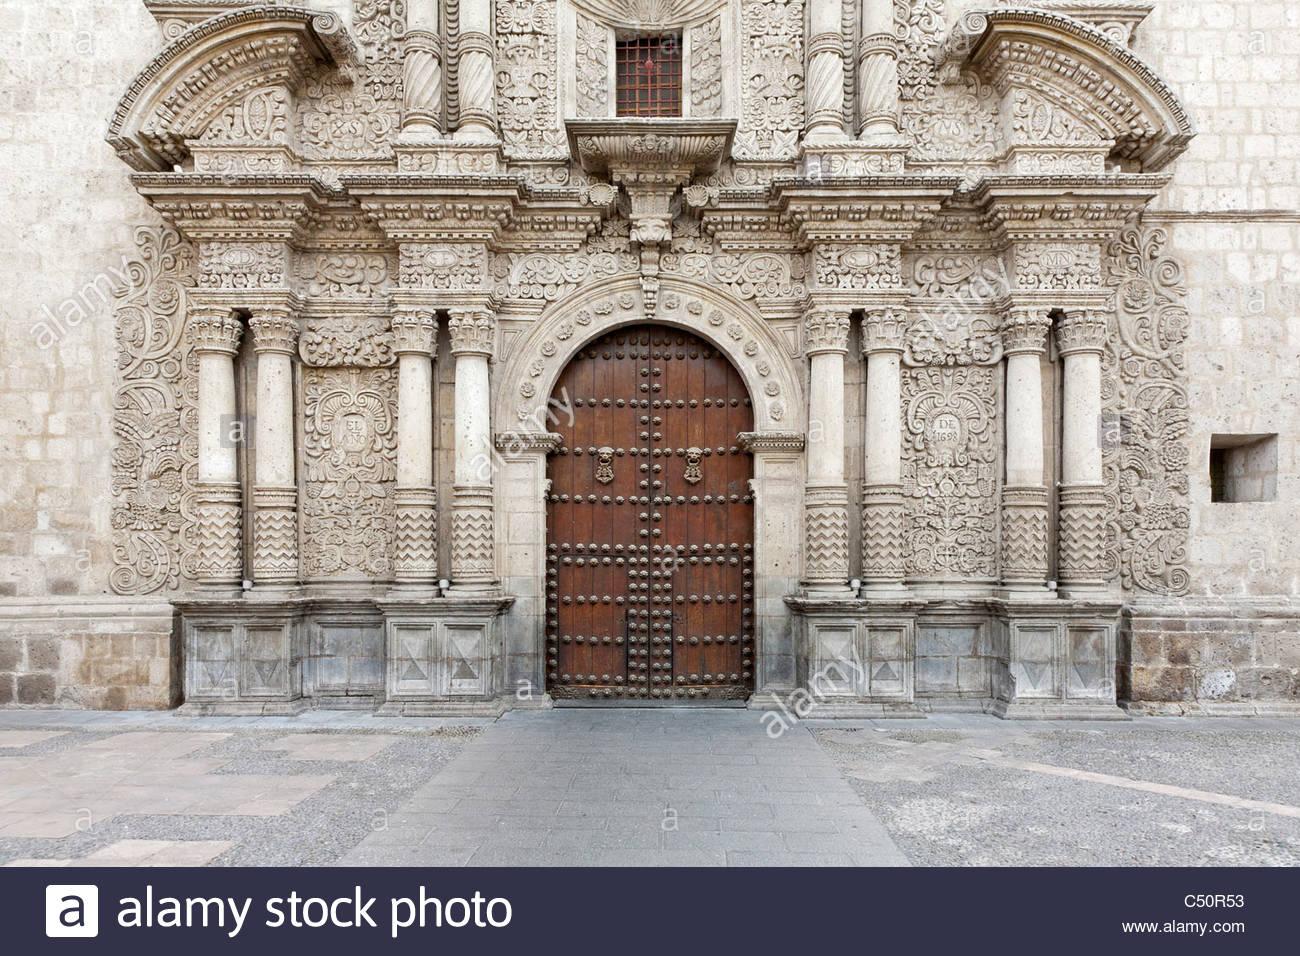 Facade of the Iglesia de la Compania Jesuit Church in central Arequipa, Peru. - Stock Image